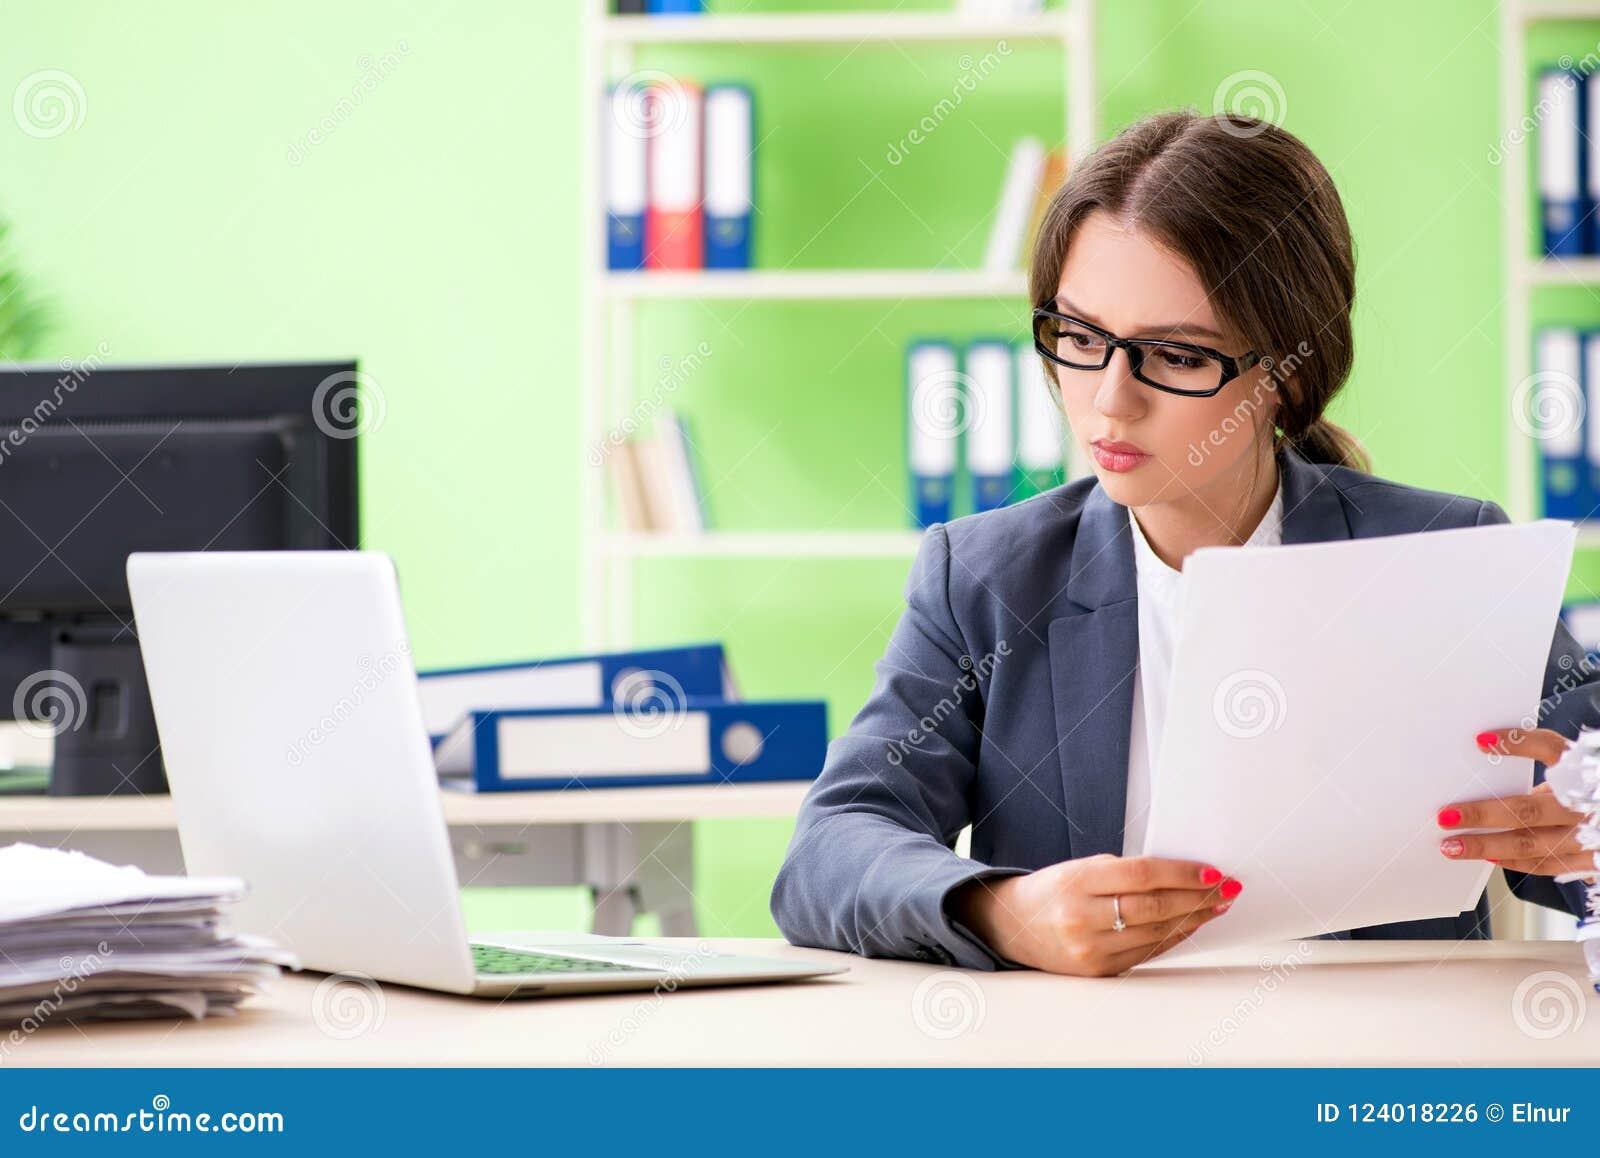 Młody żeński pracownik bardzo ruchliwie z trwającą papierkową robotą